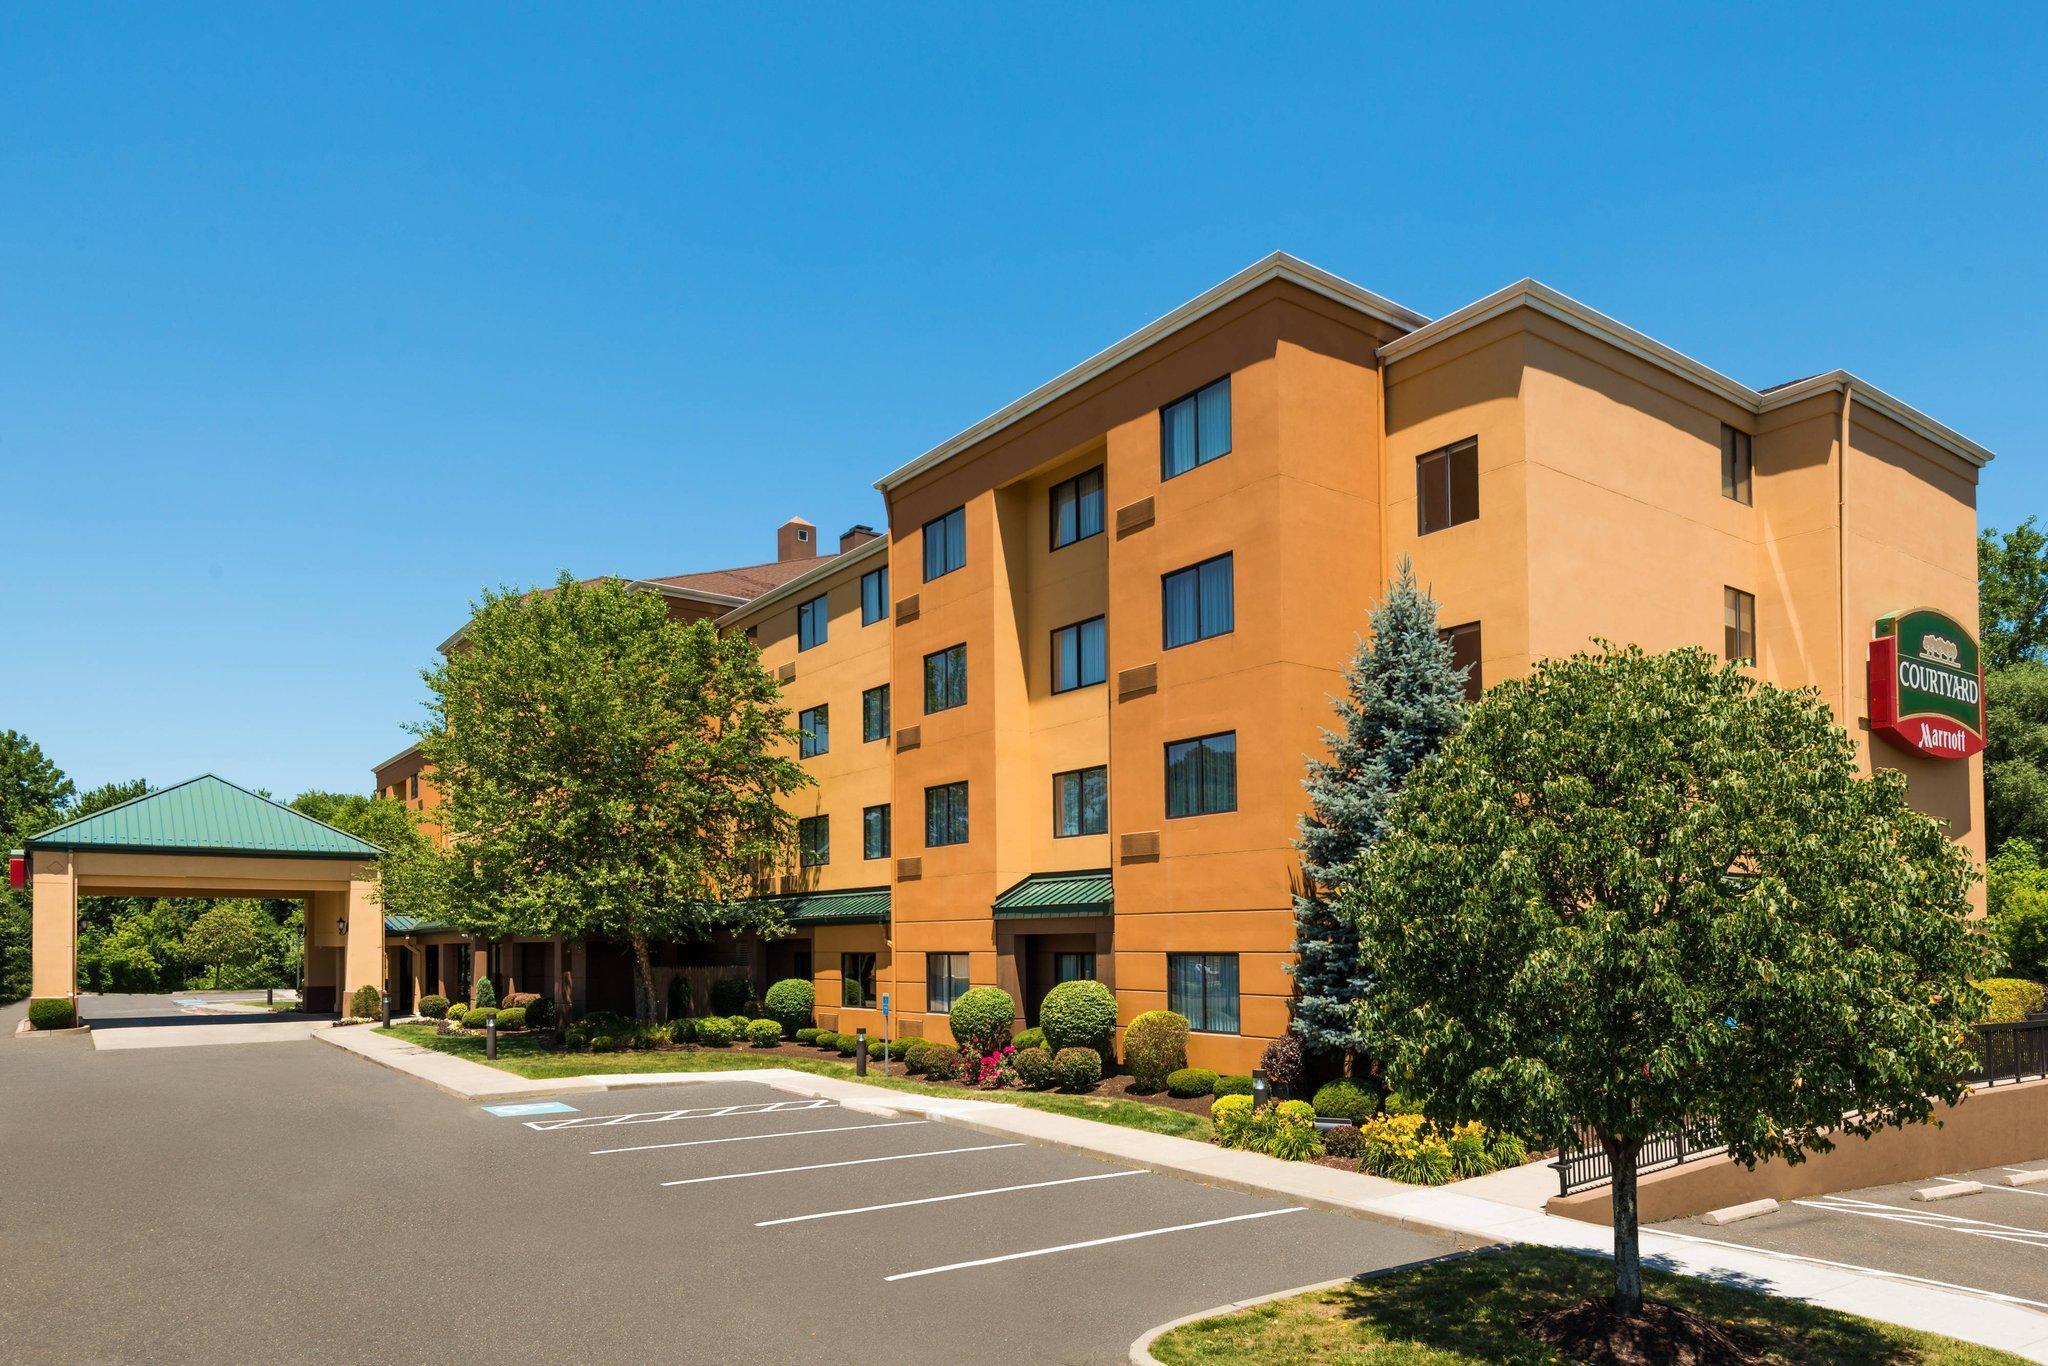 Courtyard Danbury Danbury (CT) United States